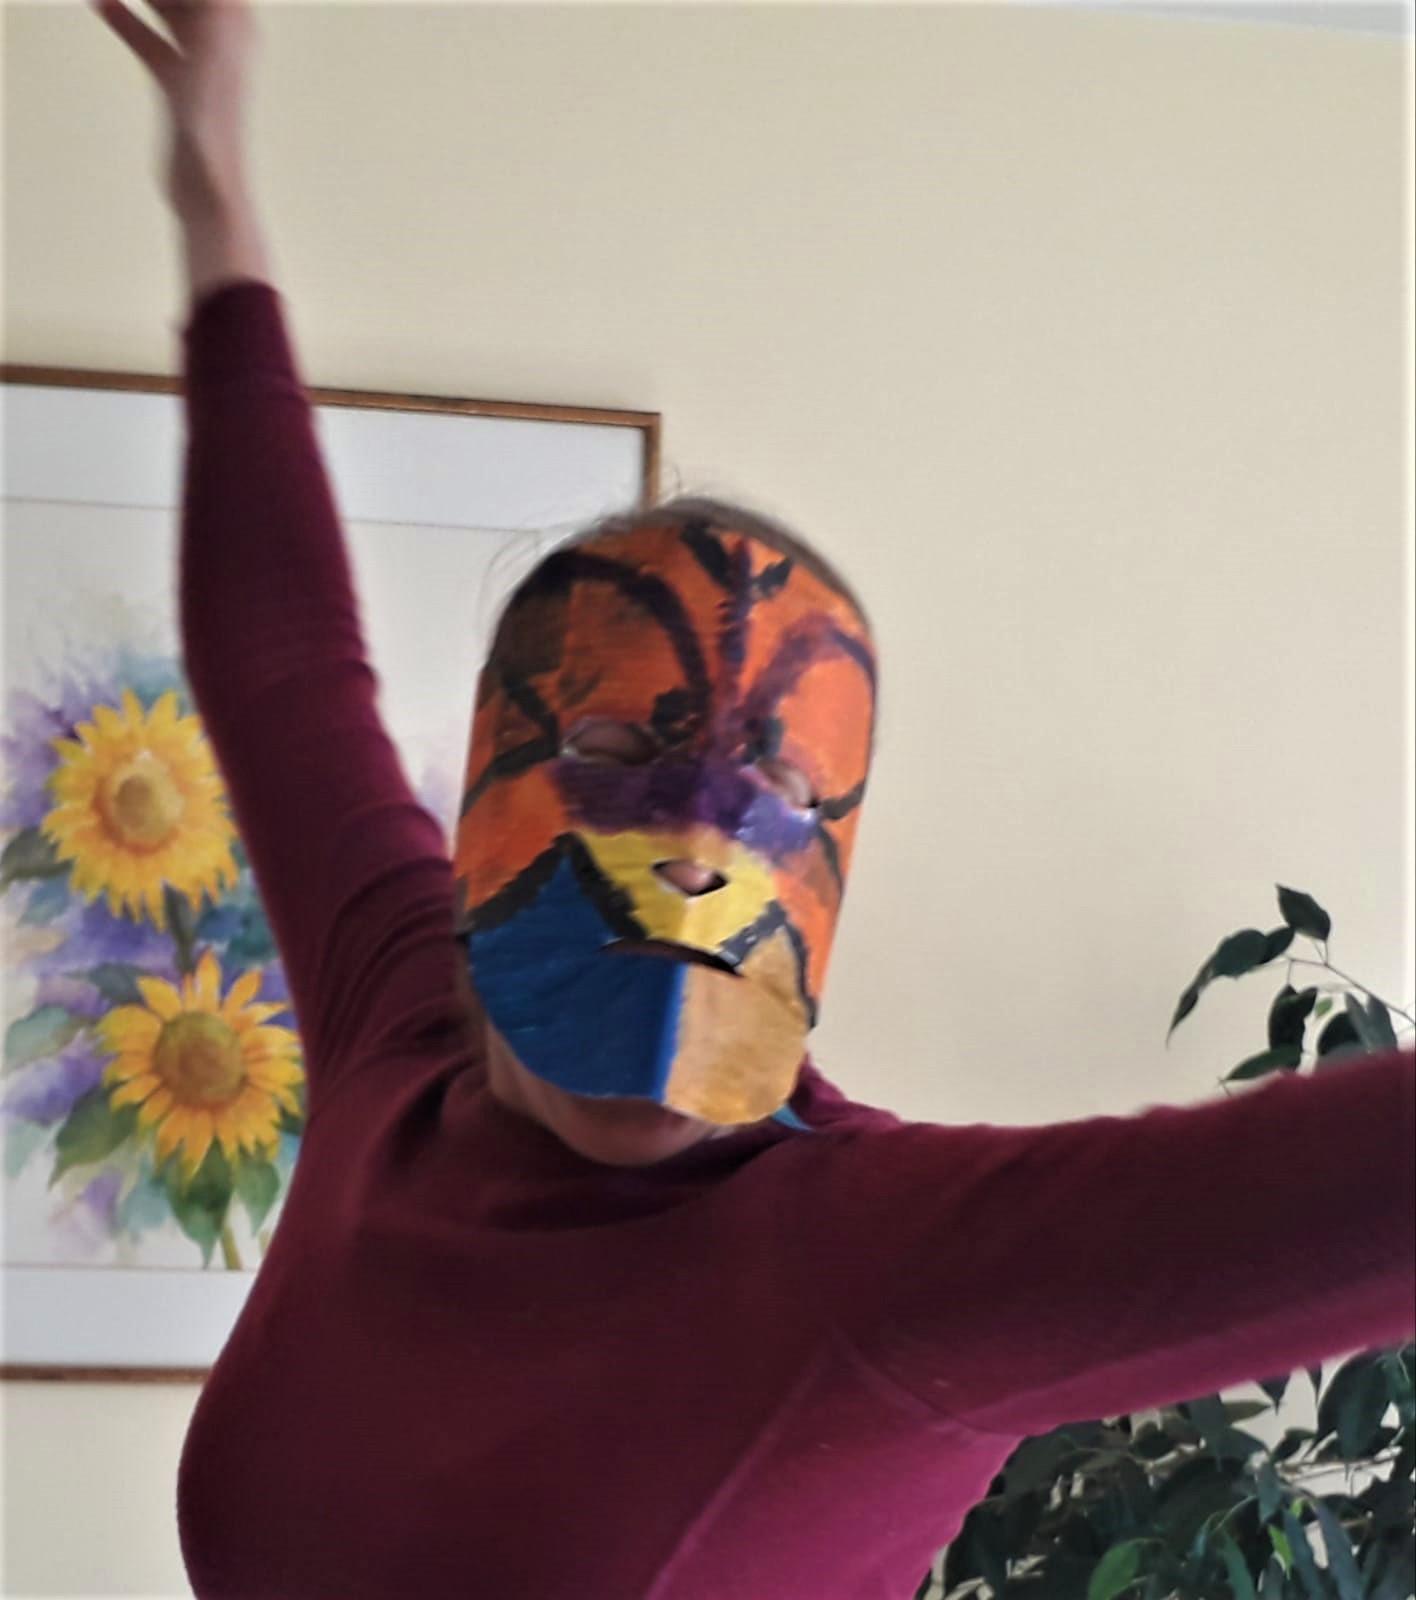 Masque en mouvement Patricia vidéo (2)